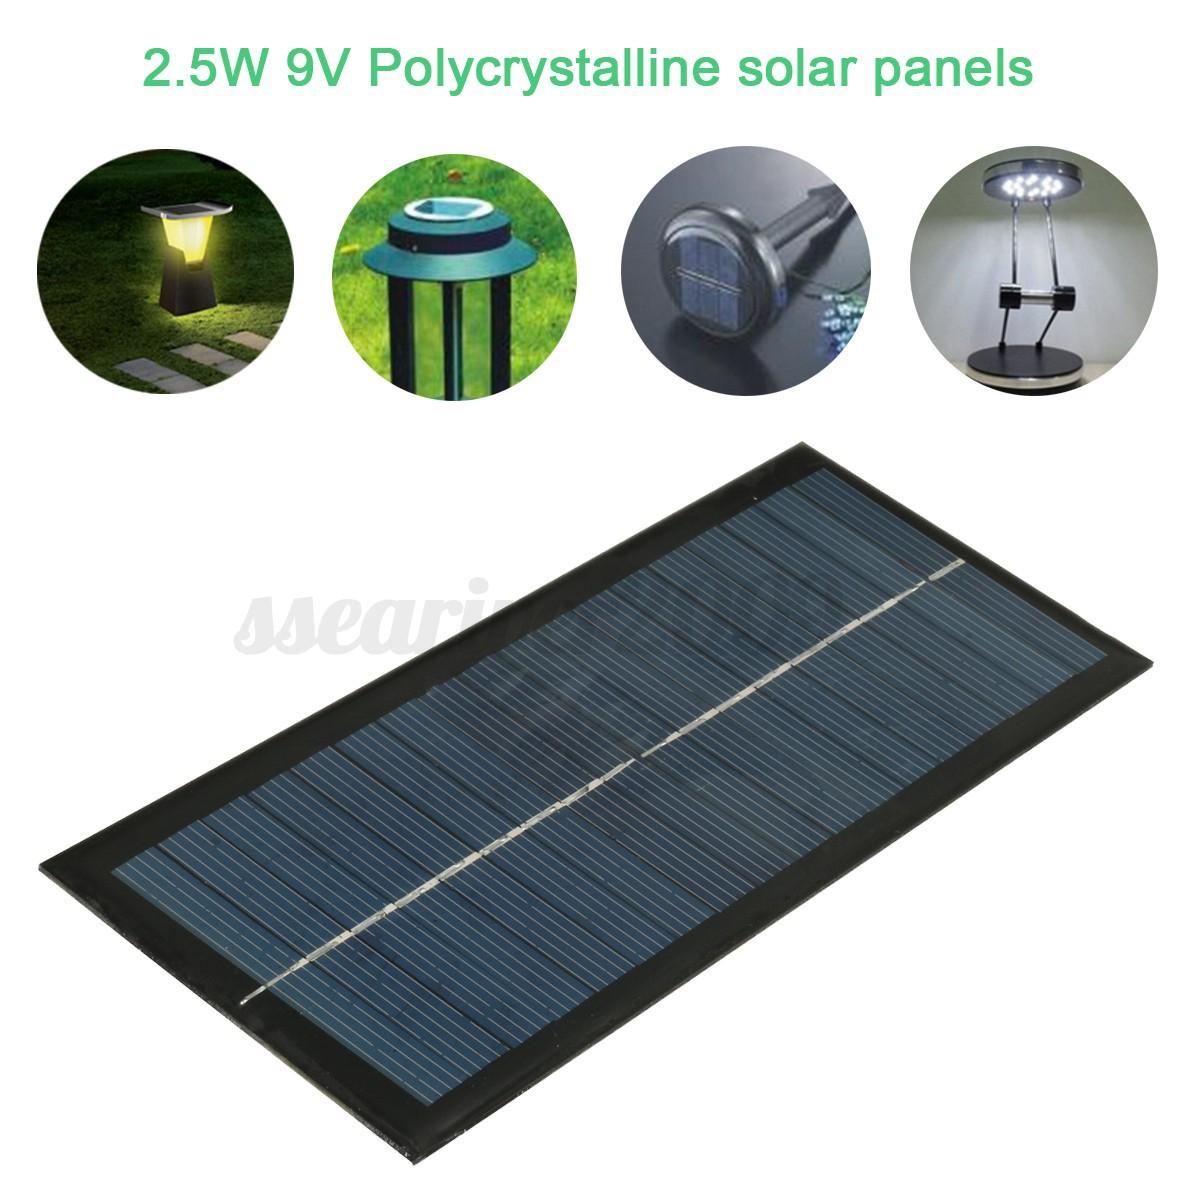 Mini 5 6 9 18v Solar Panel Diy Module For Light Cell Phone